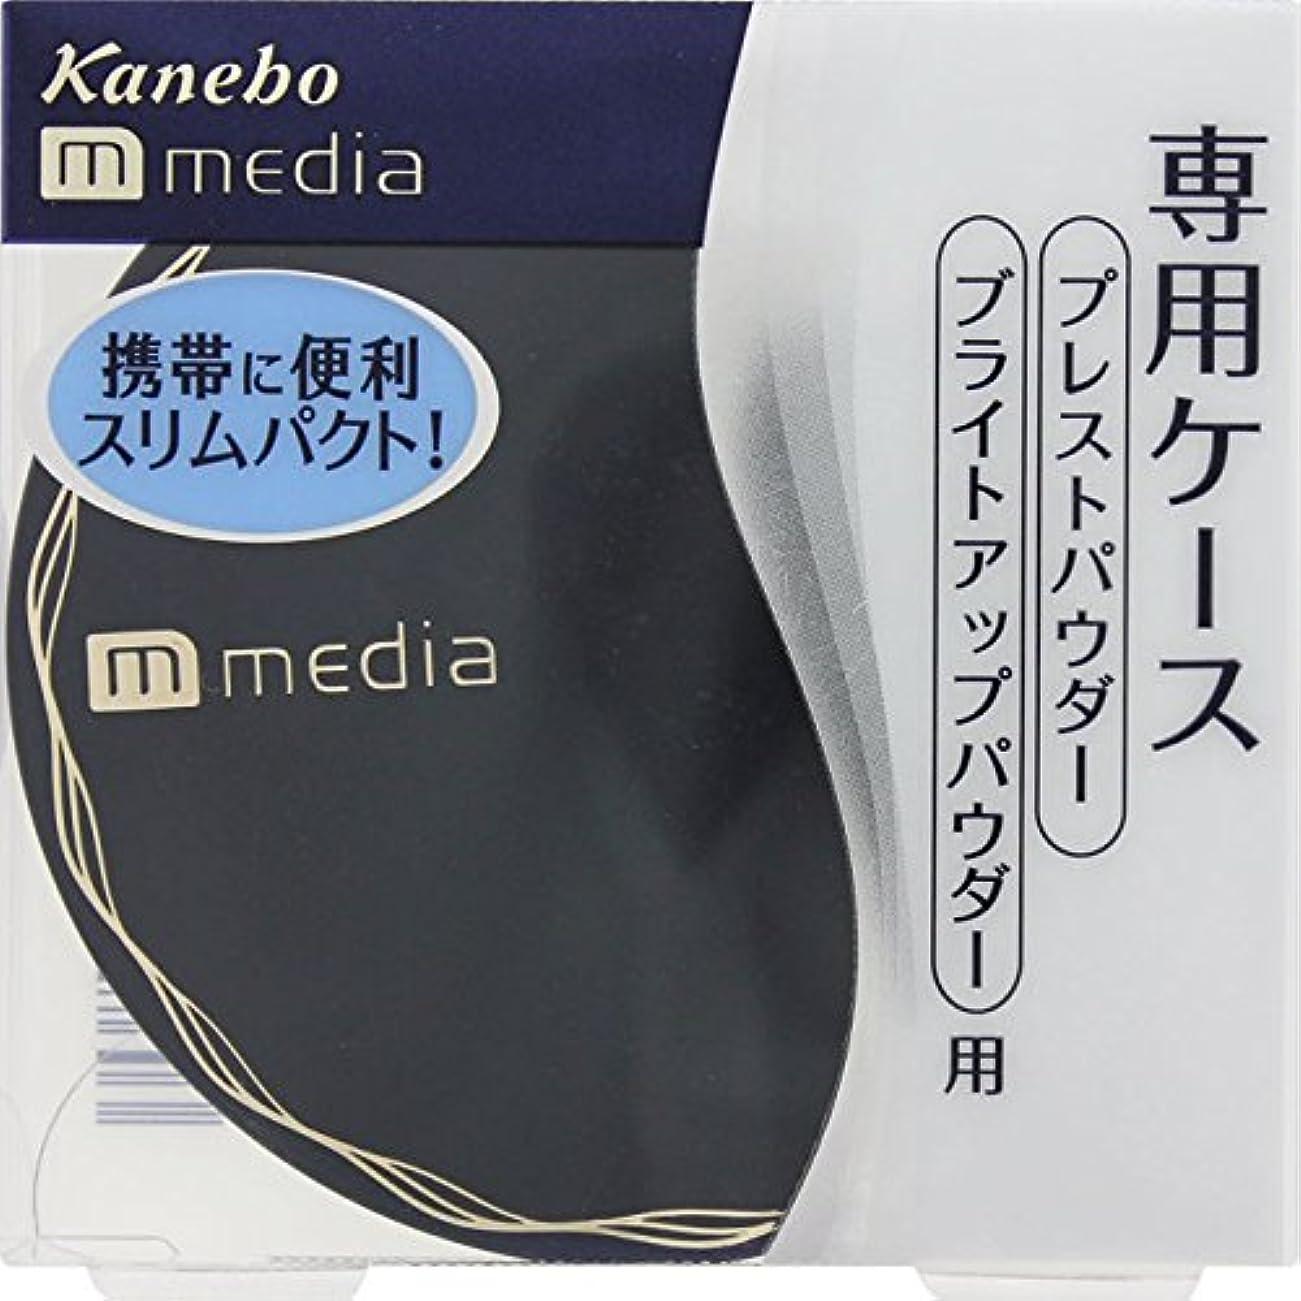 先のことを考える分類する貧しいカネボウ(Kanebo) メディア プレストパウダー用ケース